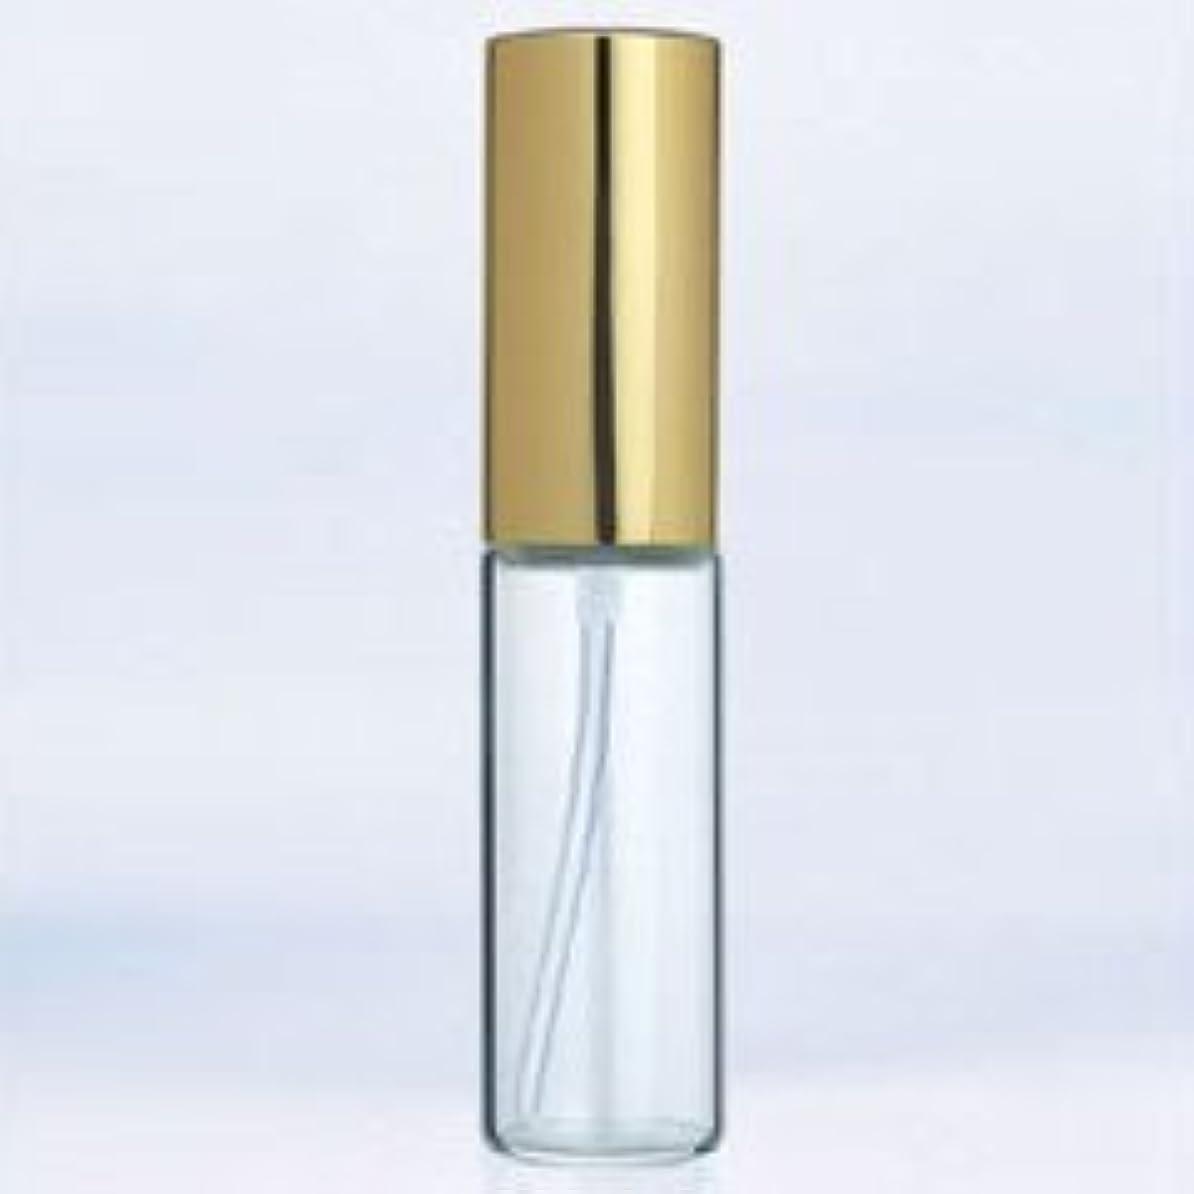 過去可能にする繊維【ヤマダアトマイザー】グラスアトマイザー プラスチックポンプ 無地 6201 アルミキャップ ゴールド 10ml